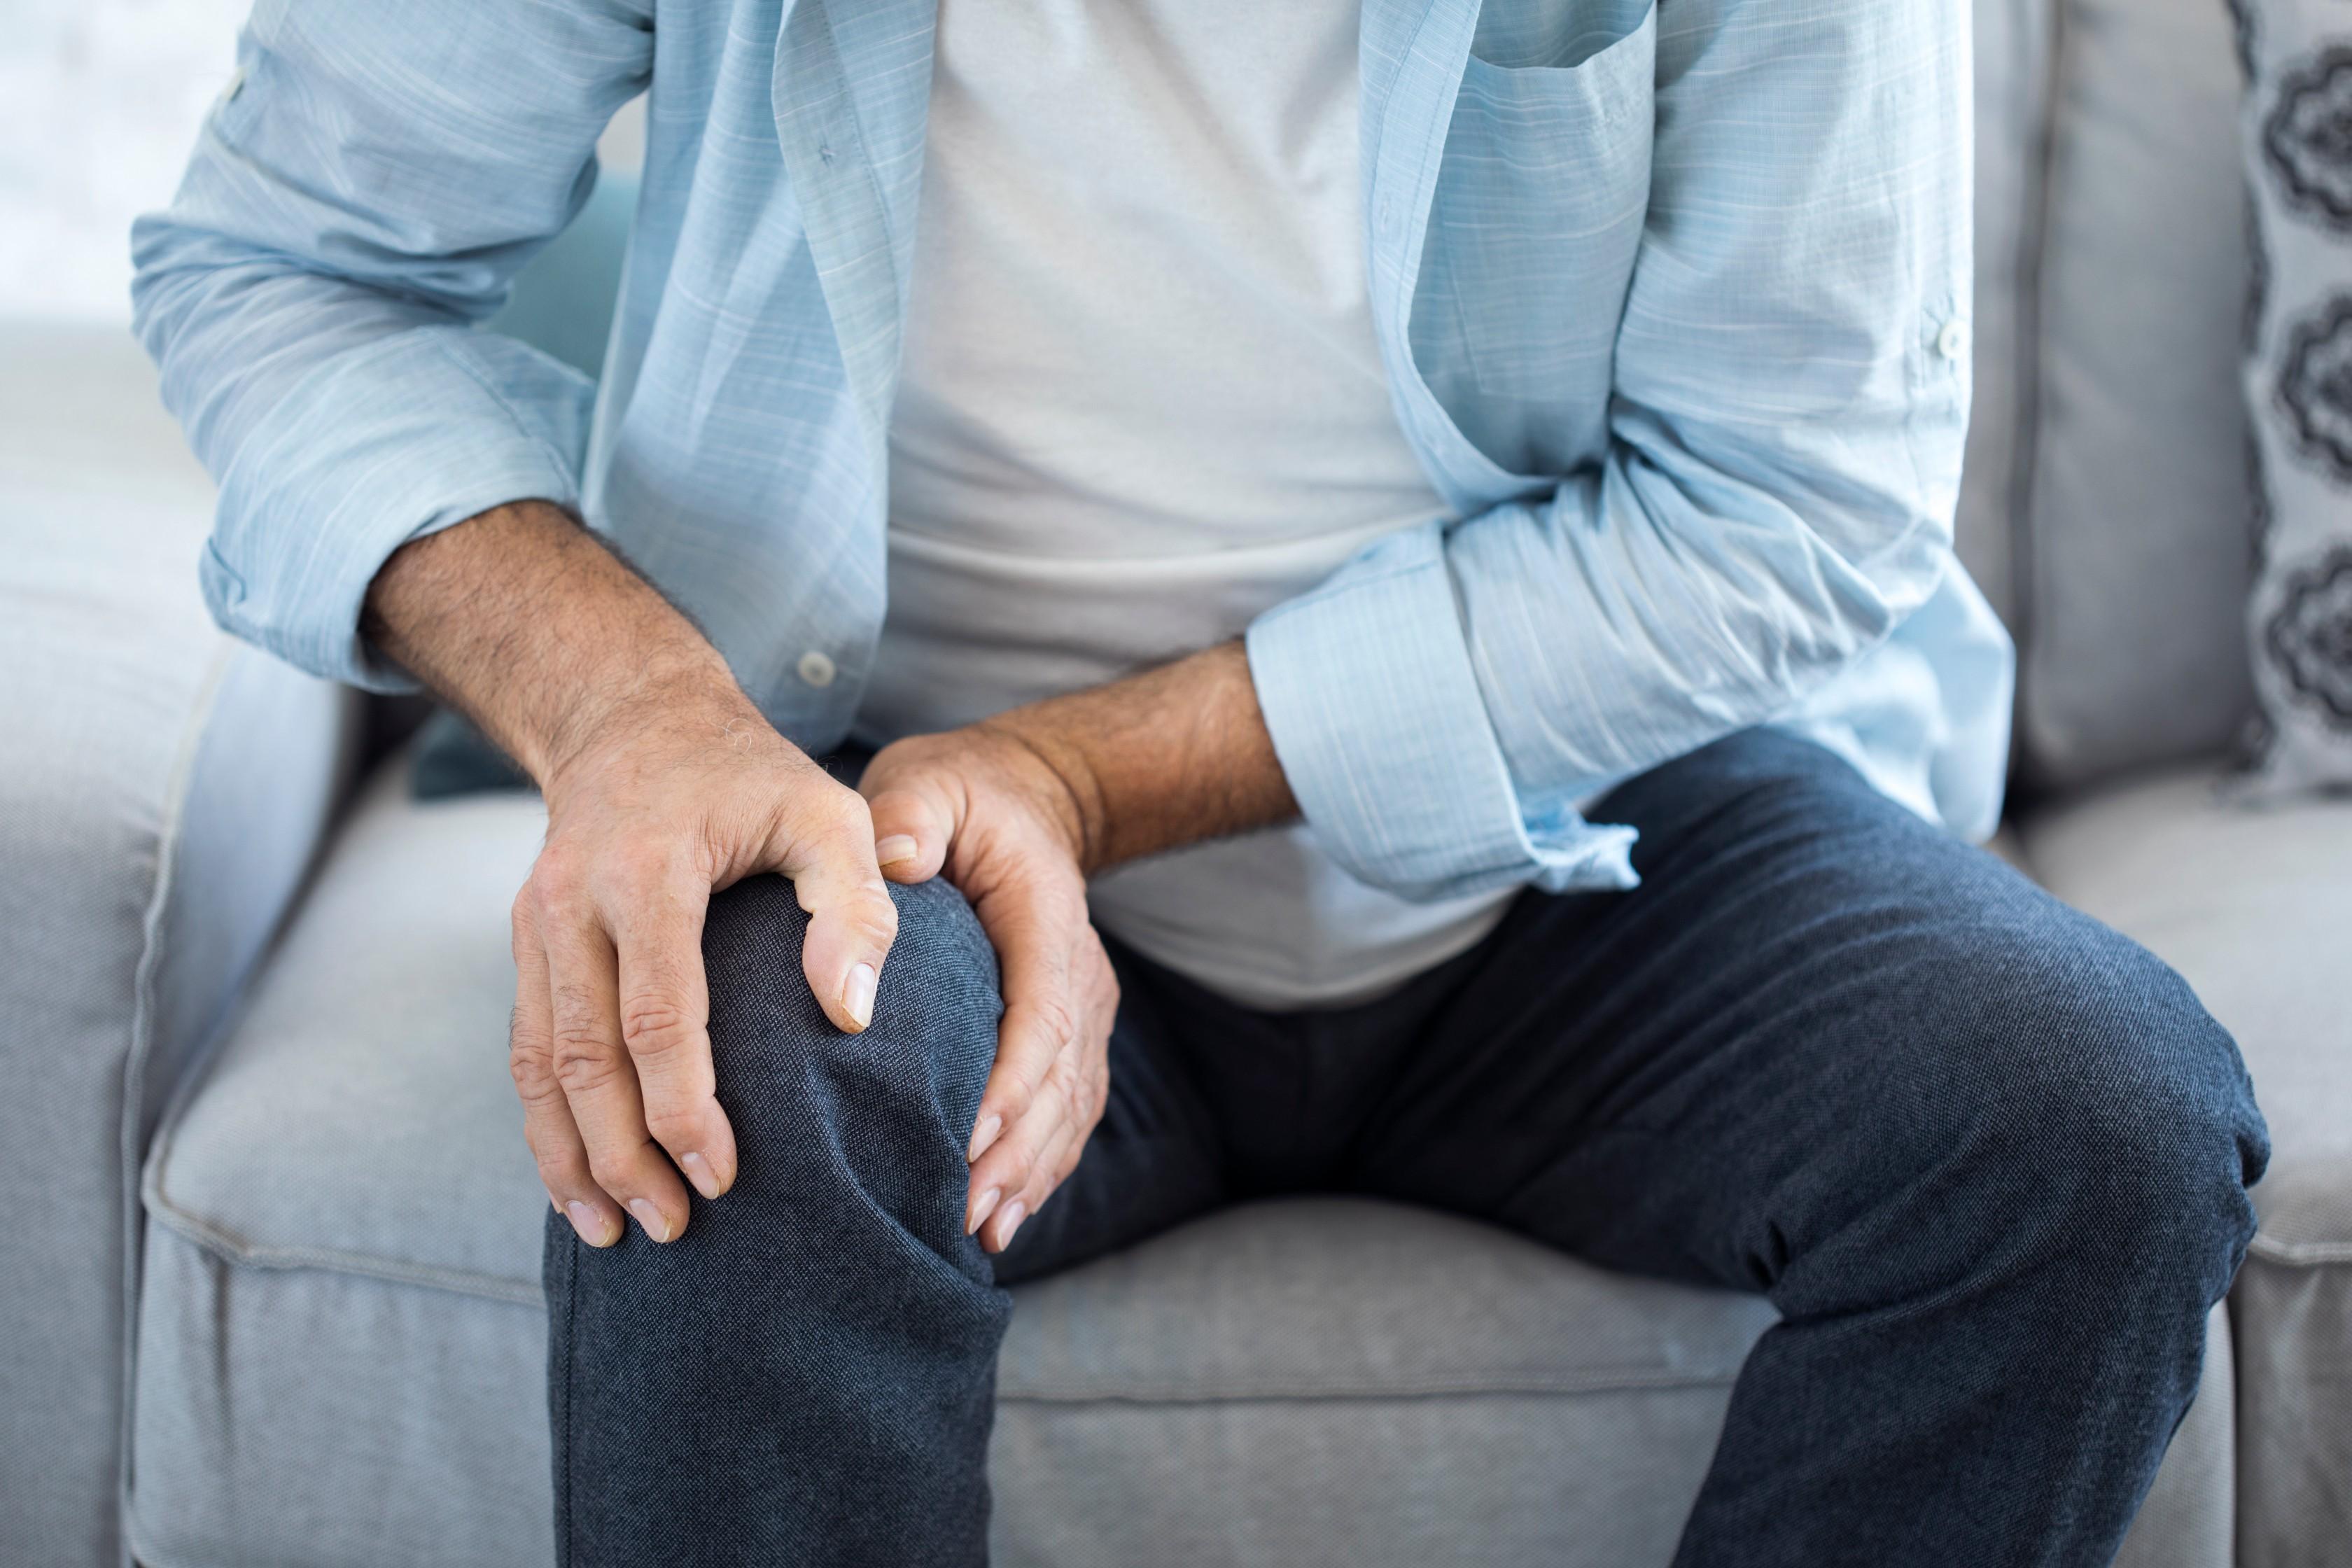 fájdalom a lábak ízületeiben hogyan kell kezelni)